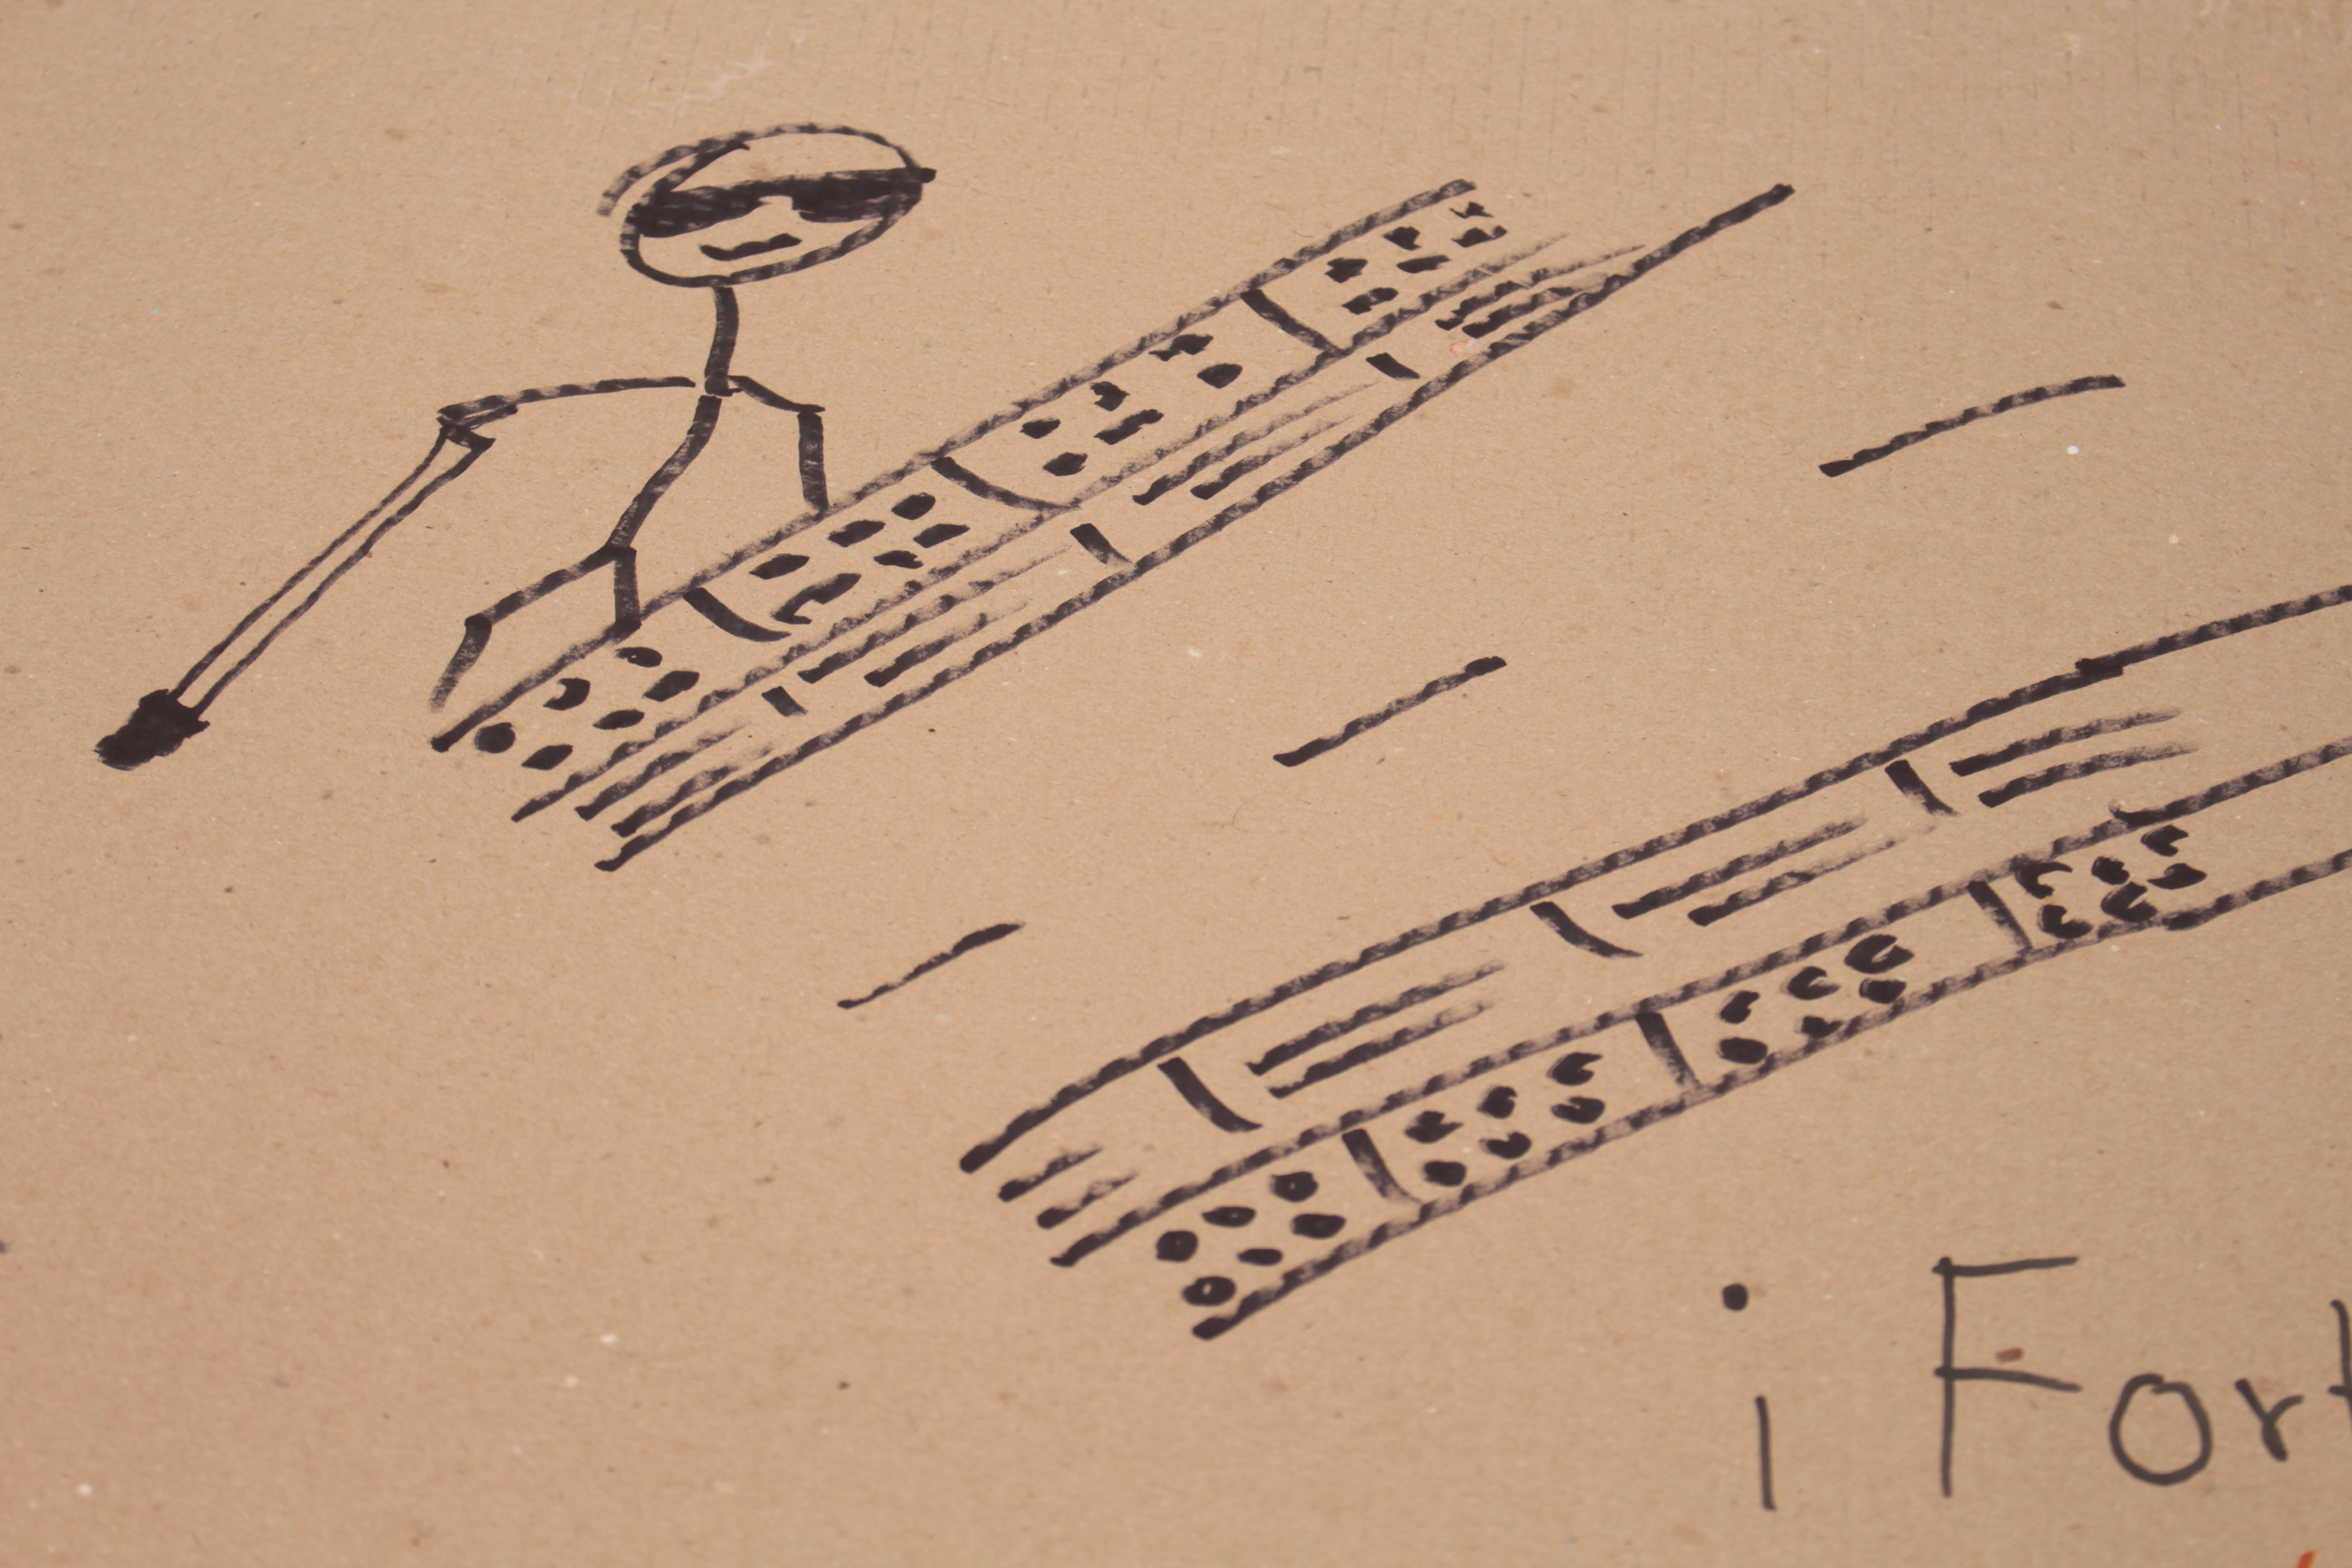 Dibujo de persona ciega caminando sobre unas baldosas con señalización